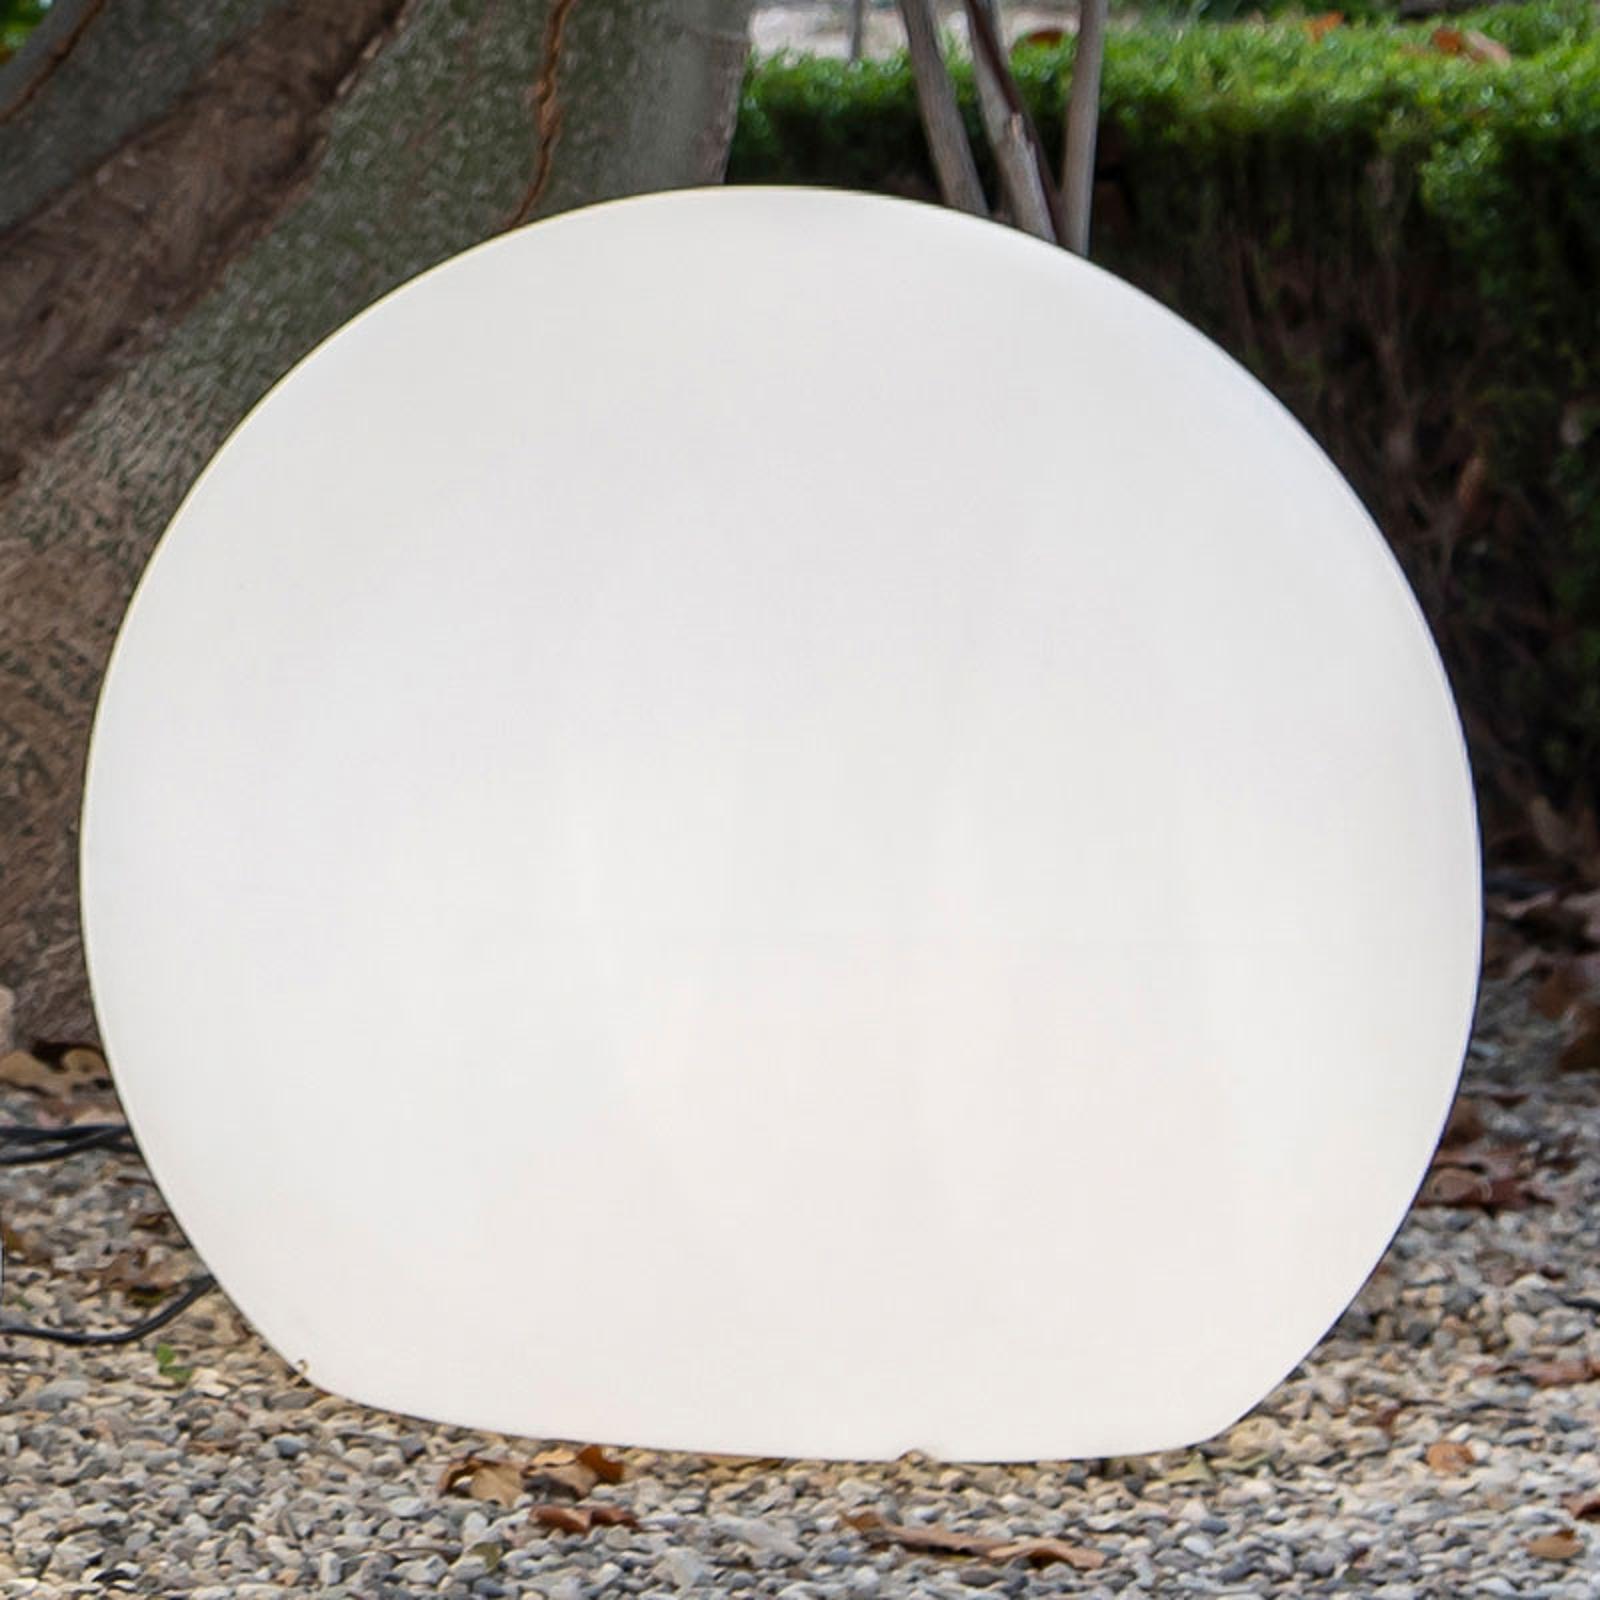 Newgarden Buly gulvlampe kule, Ø 80 cm